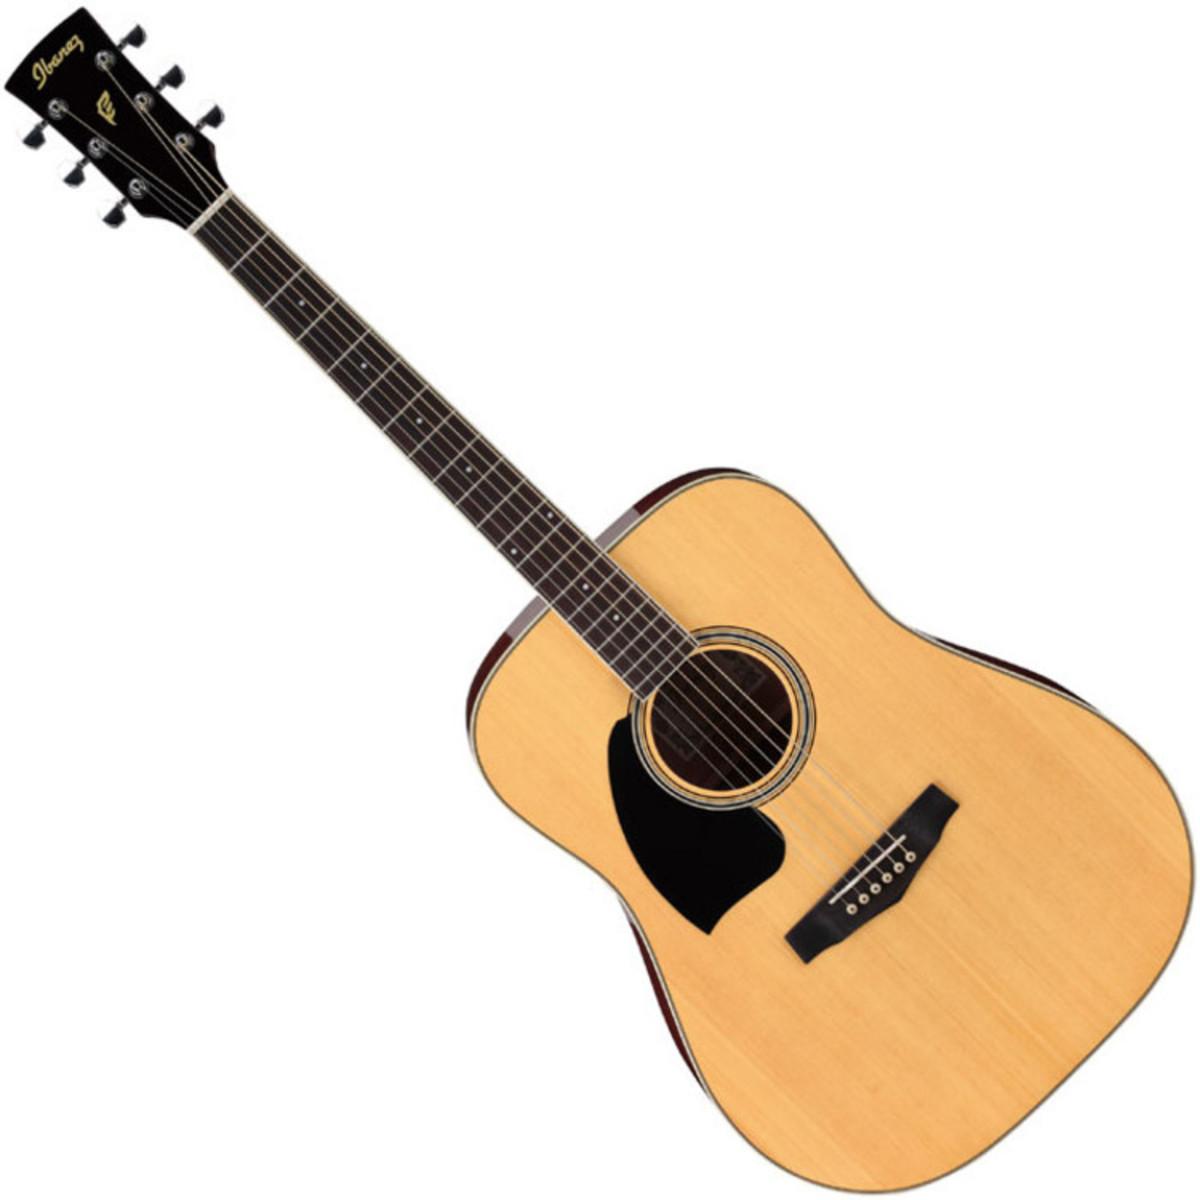 disc ibanez pf15 left handed acoustic guitar natural at. Black Bedroom Furniture Sets. Home Design Ideas